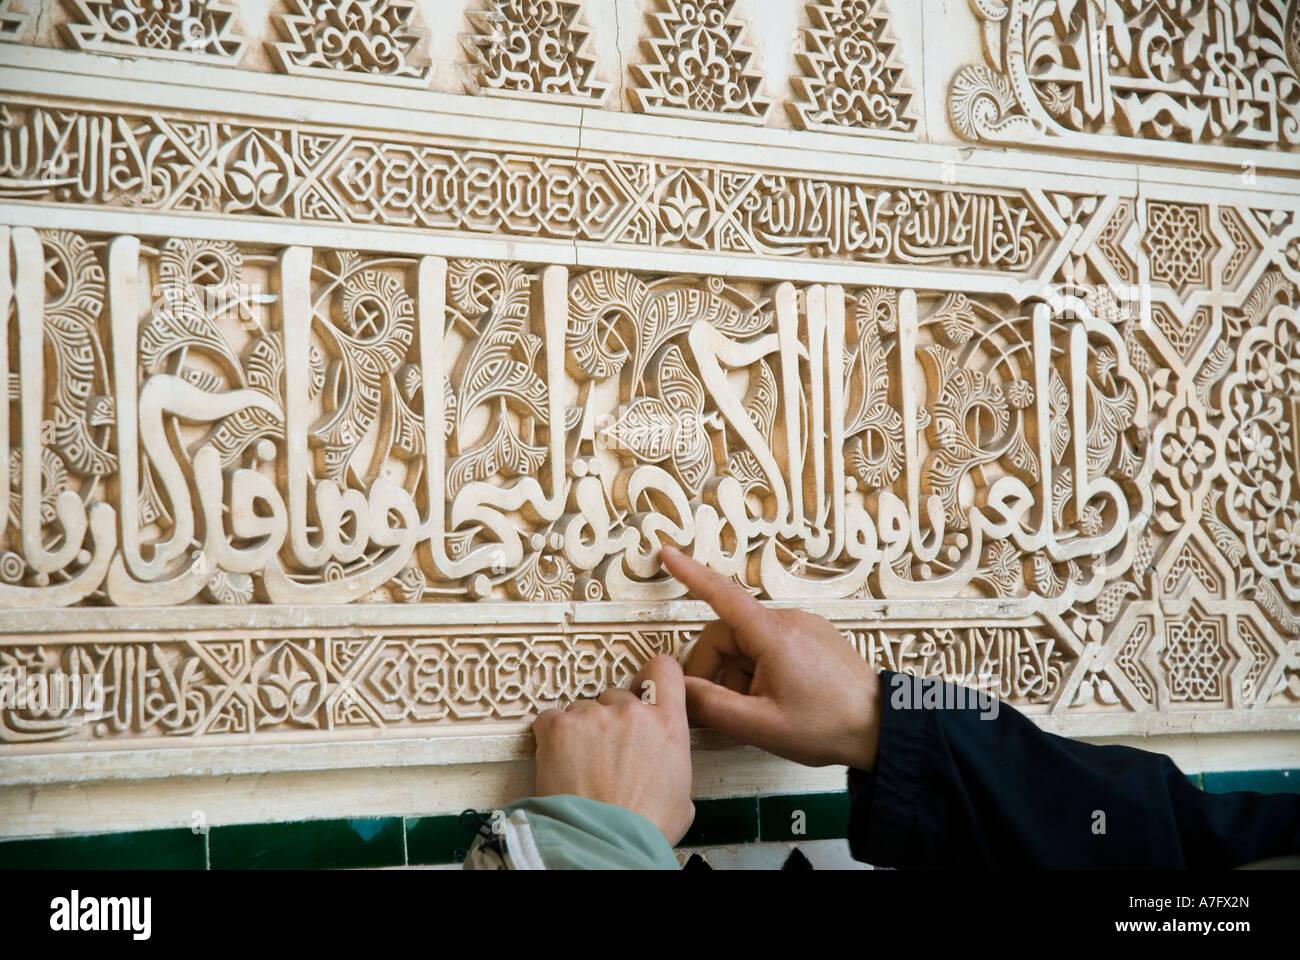 Arabic script on the wall at La Alhambra Granada Spain - Stock Image